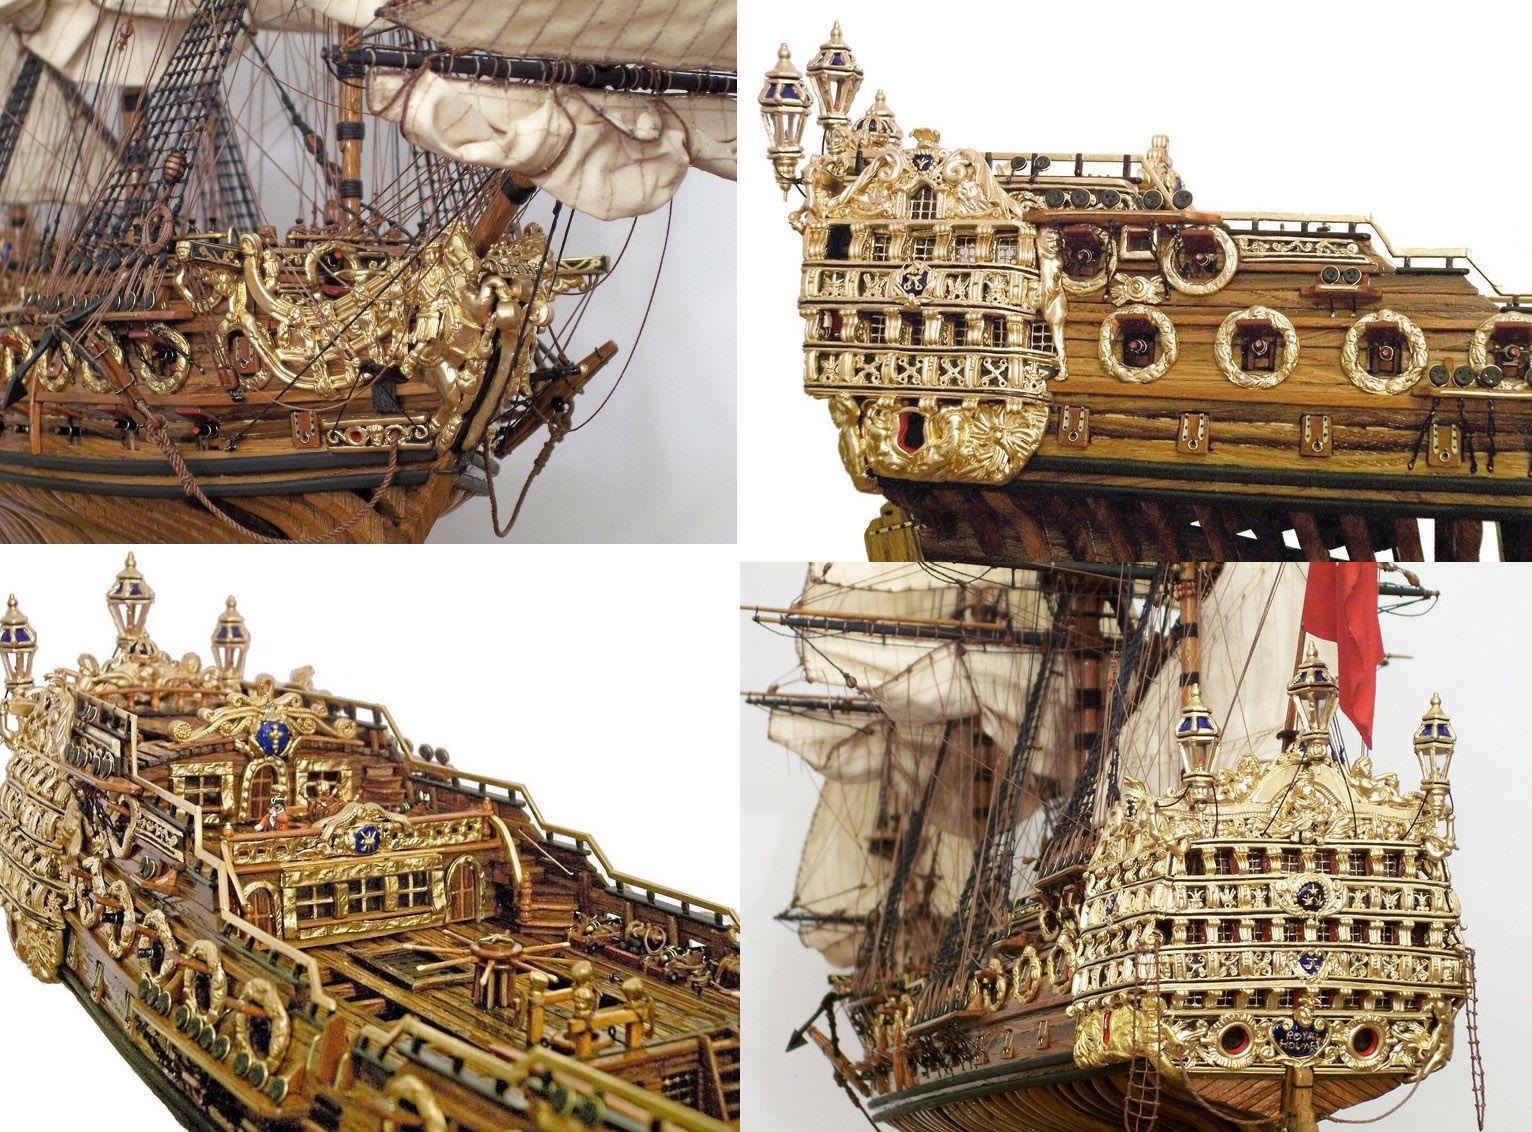 British Warship Model Details / Saved by Stephen Lok     ~END~